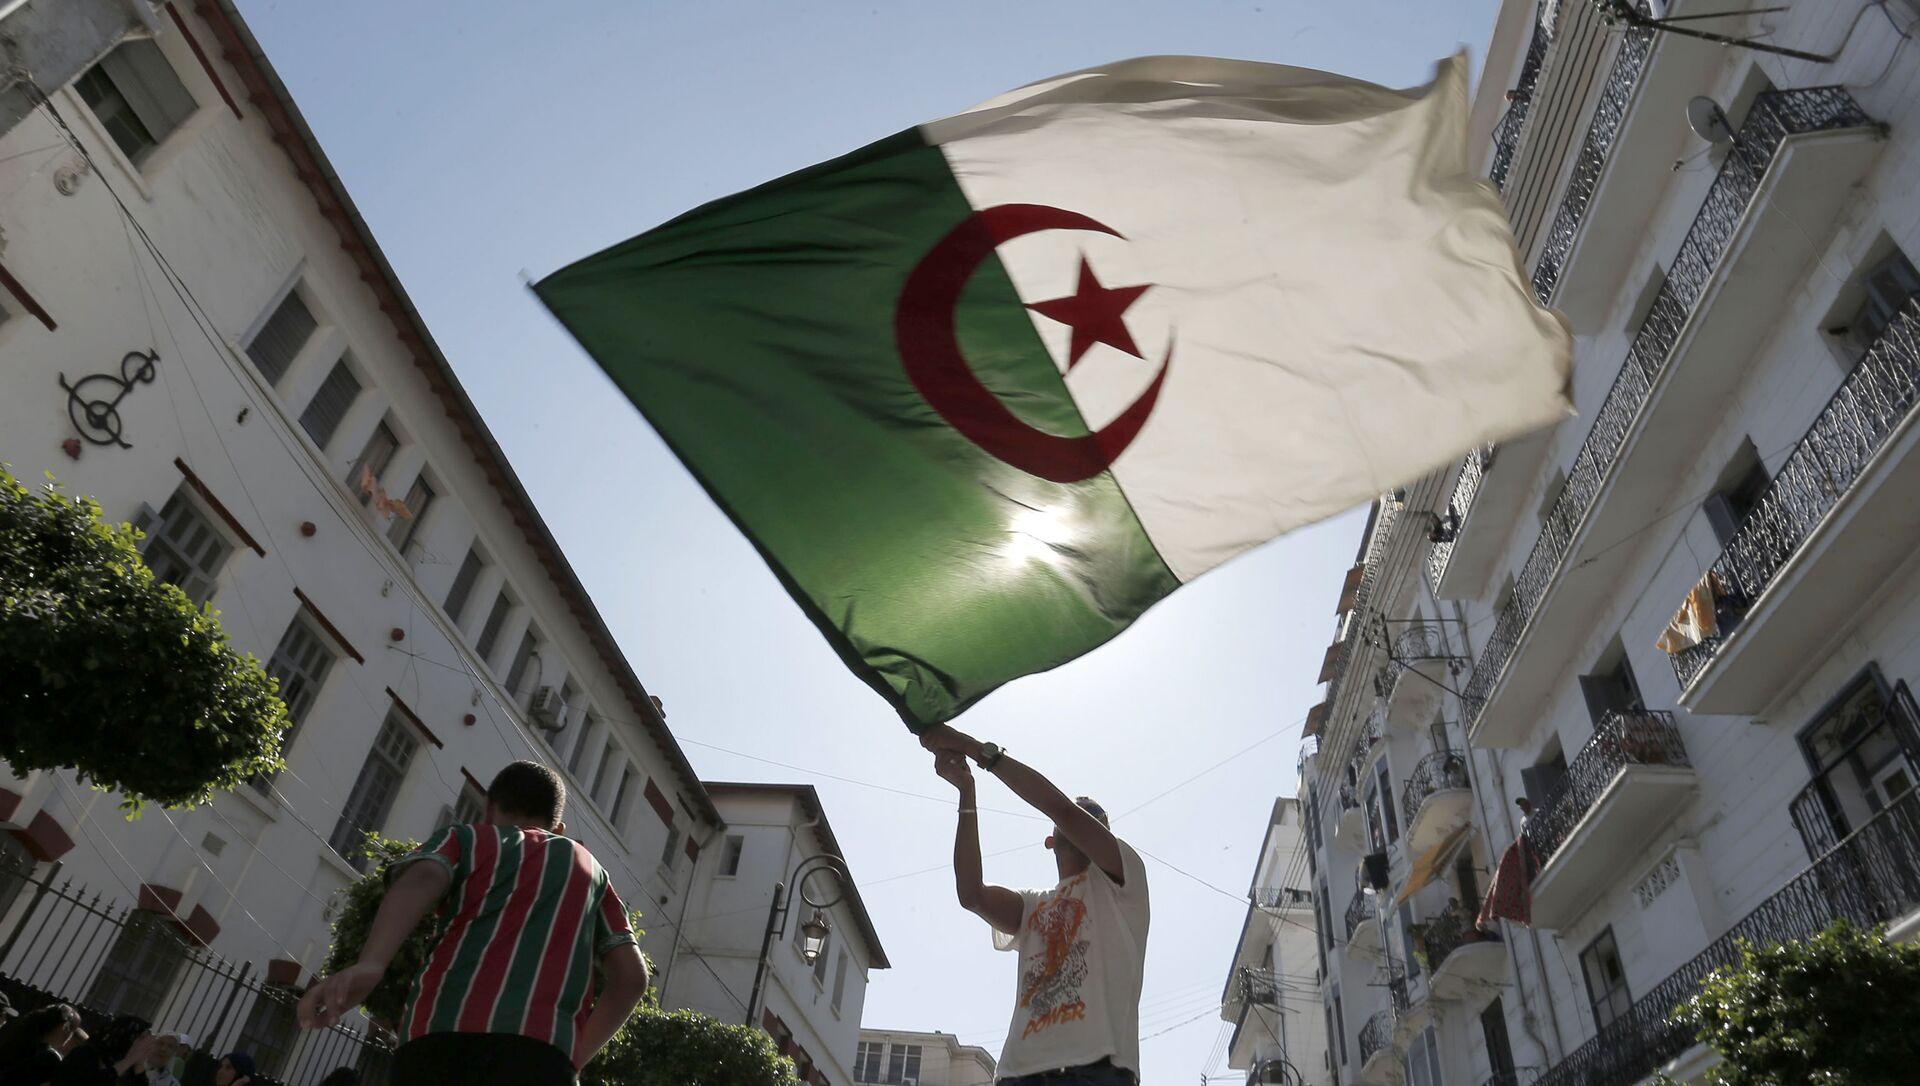 La bandera de Algeria - Sputnik Mundo, 1920, 25.05.2020